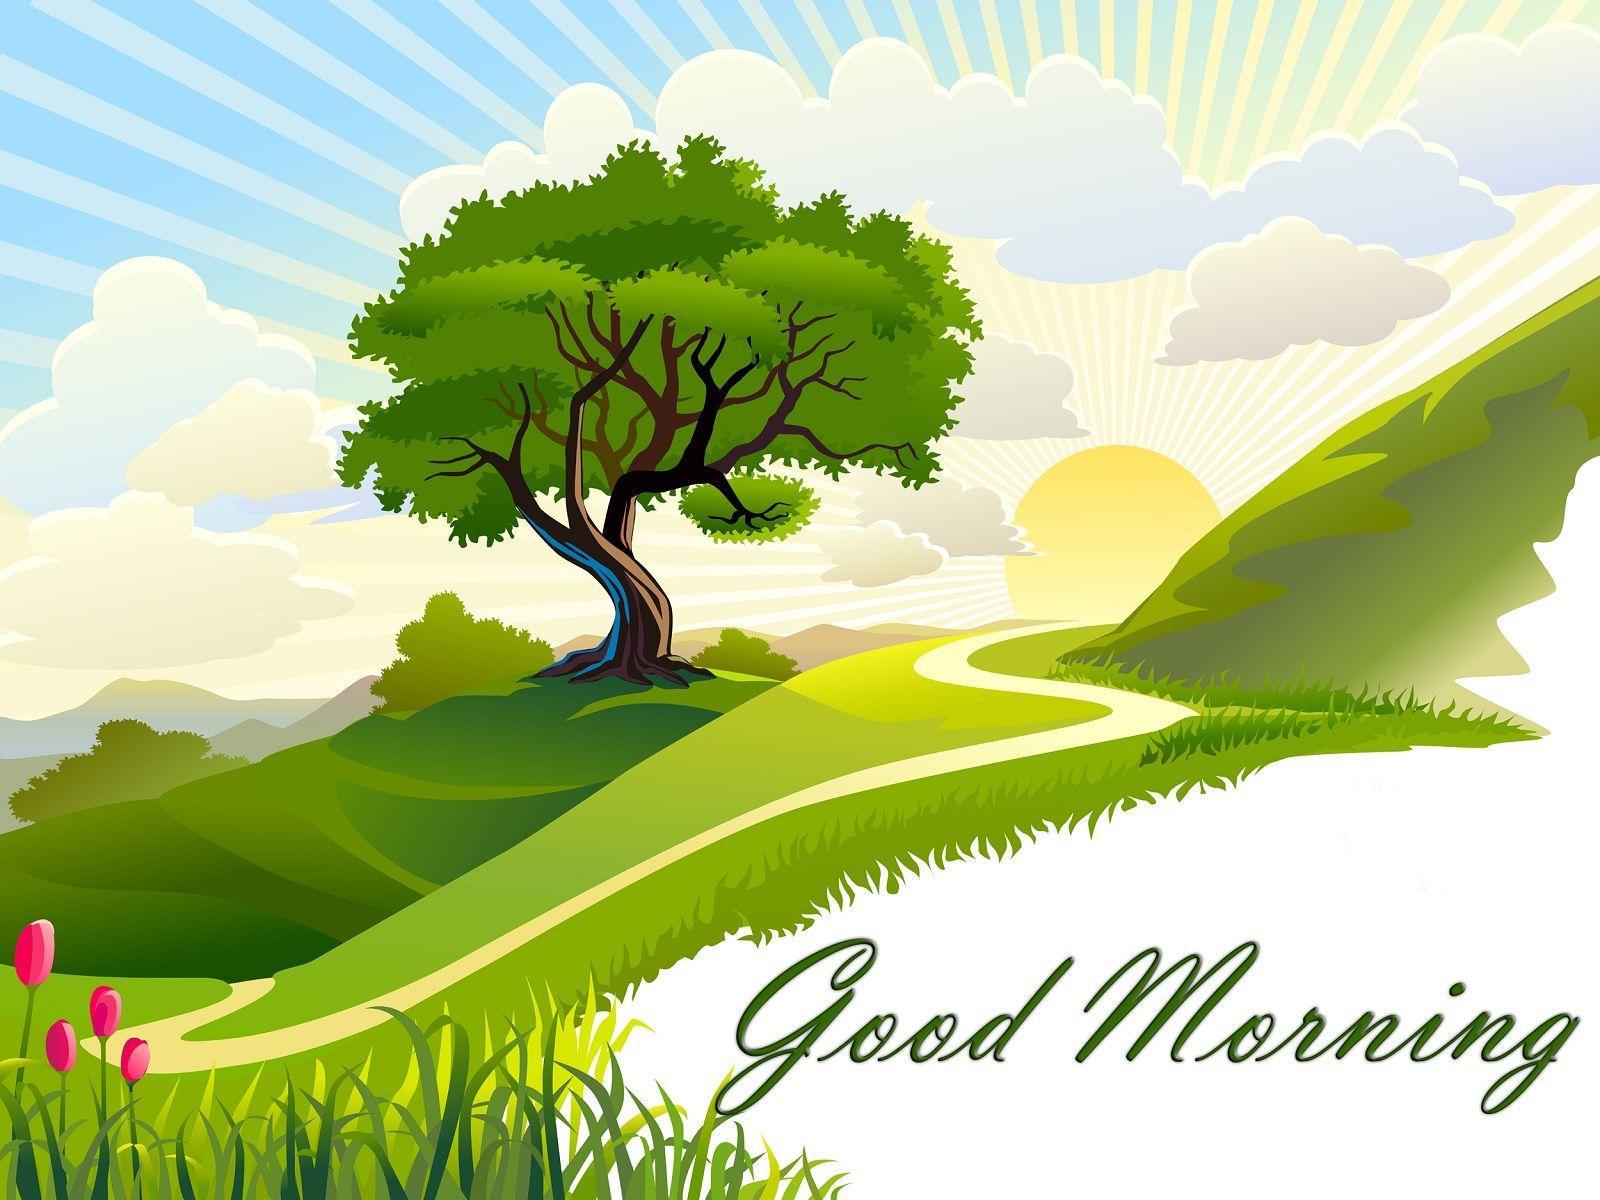 1600x1200 Tải xuống miễn phí Lời chào buổi sáng tốt lành, ngày đẹp trời Hình nền HD Rocks [1600x1200] cho Máy tính để bàn, Di động & Máy tính bảng của bạn.  Khám phá Hình nền đẹp Chào buổi sáng.  Hình nền Chào buổi sáng, Chào buổi sáng Hình nền với